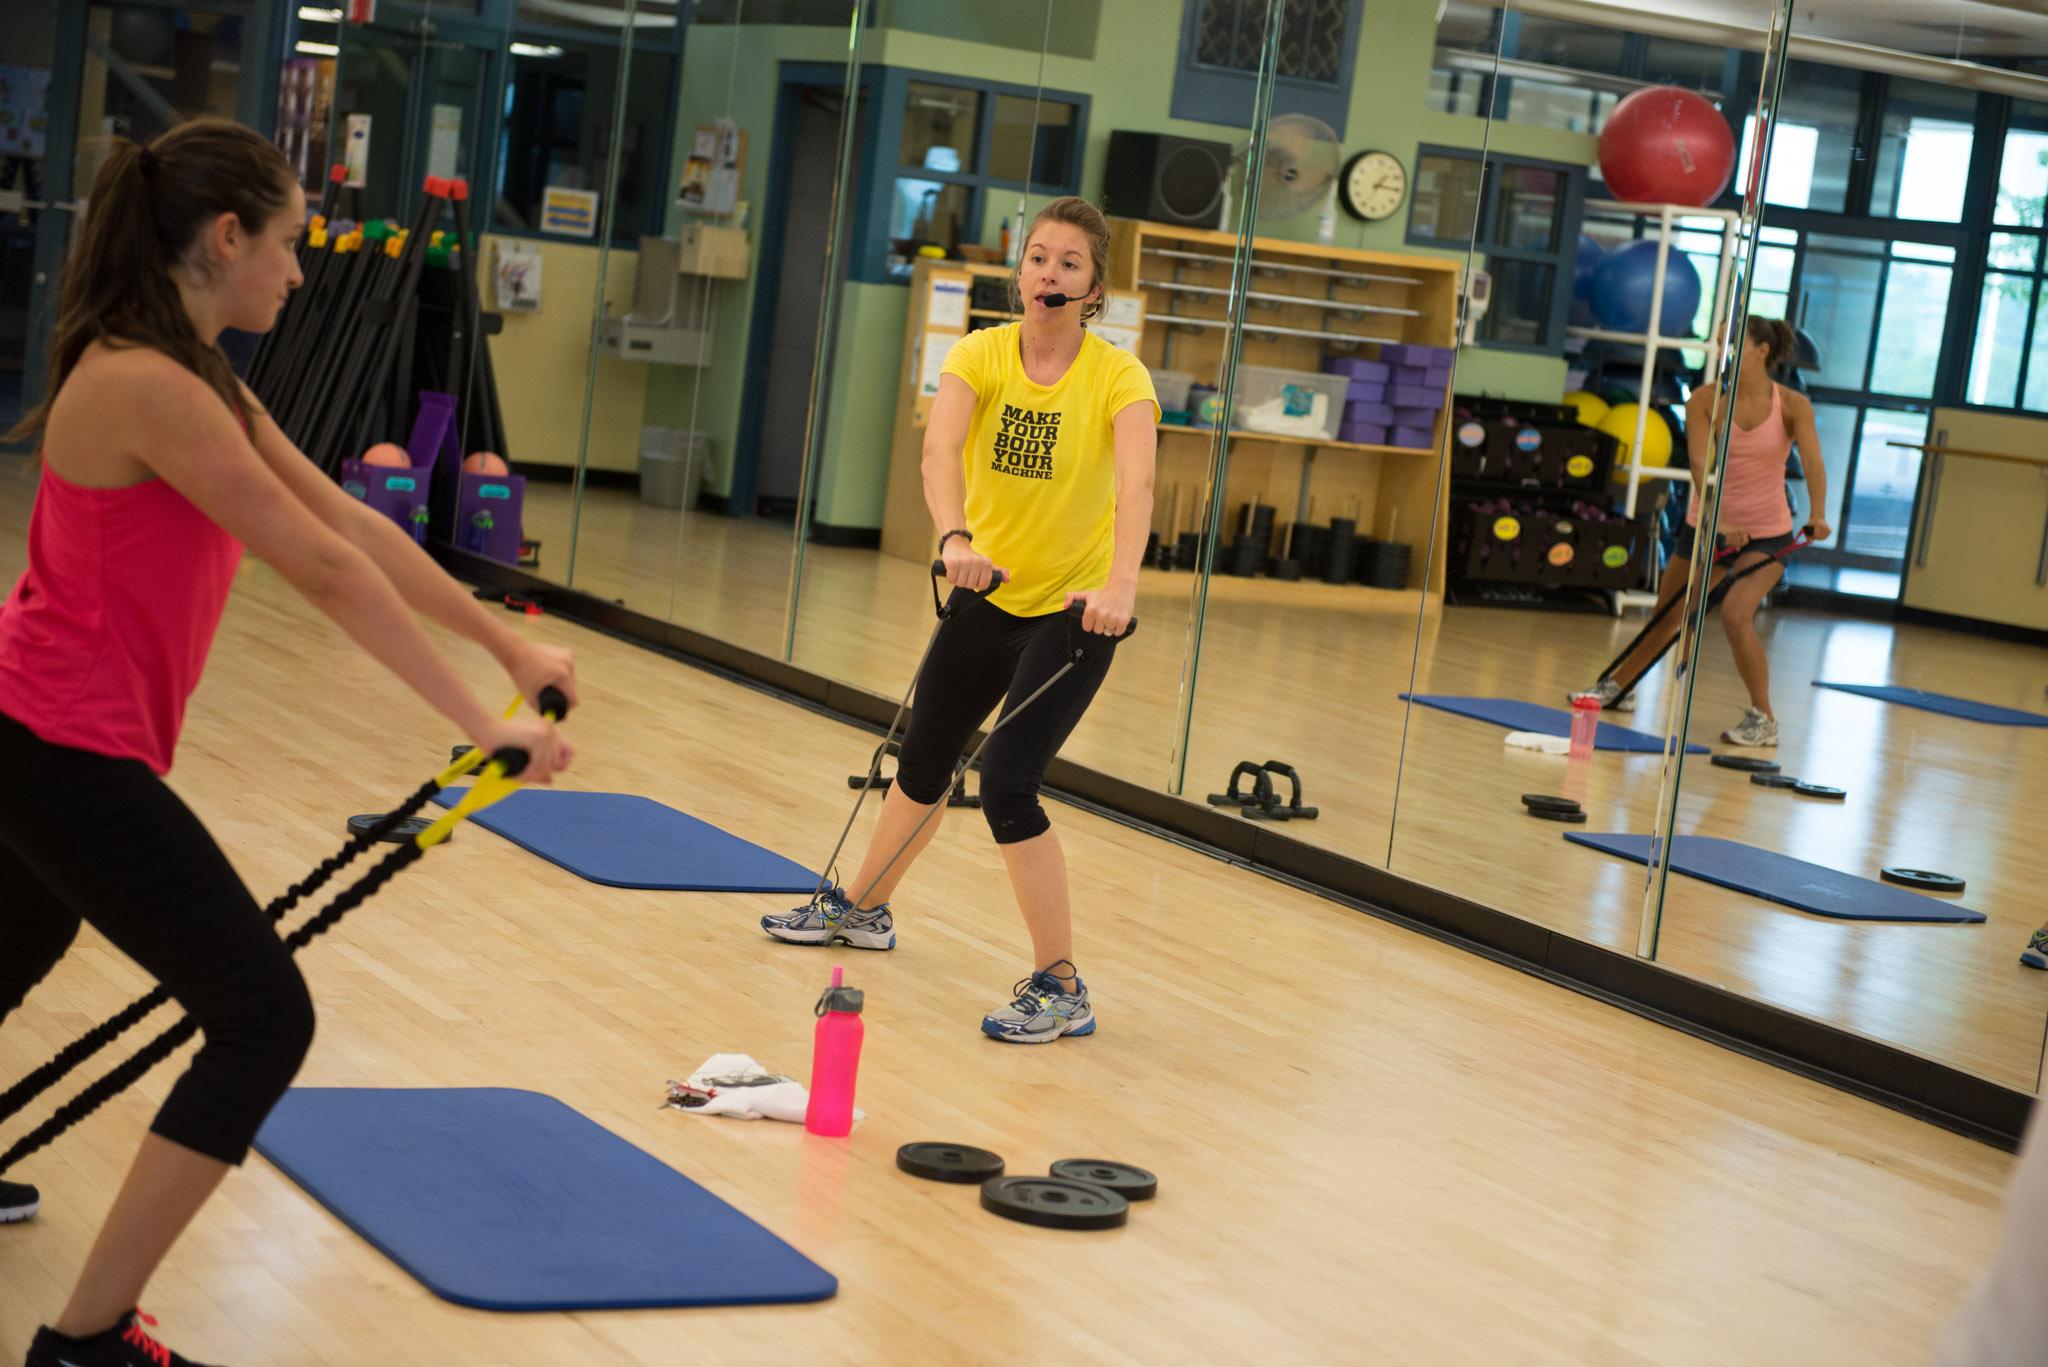 Wellness Center Stock Photos-1339.jpg